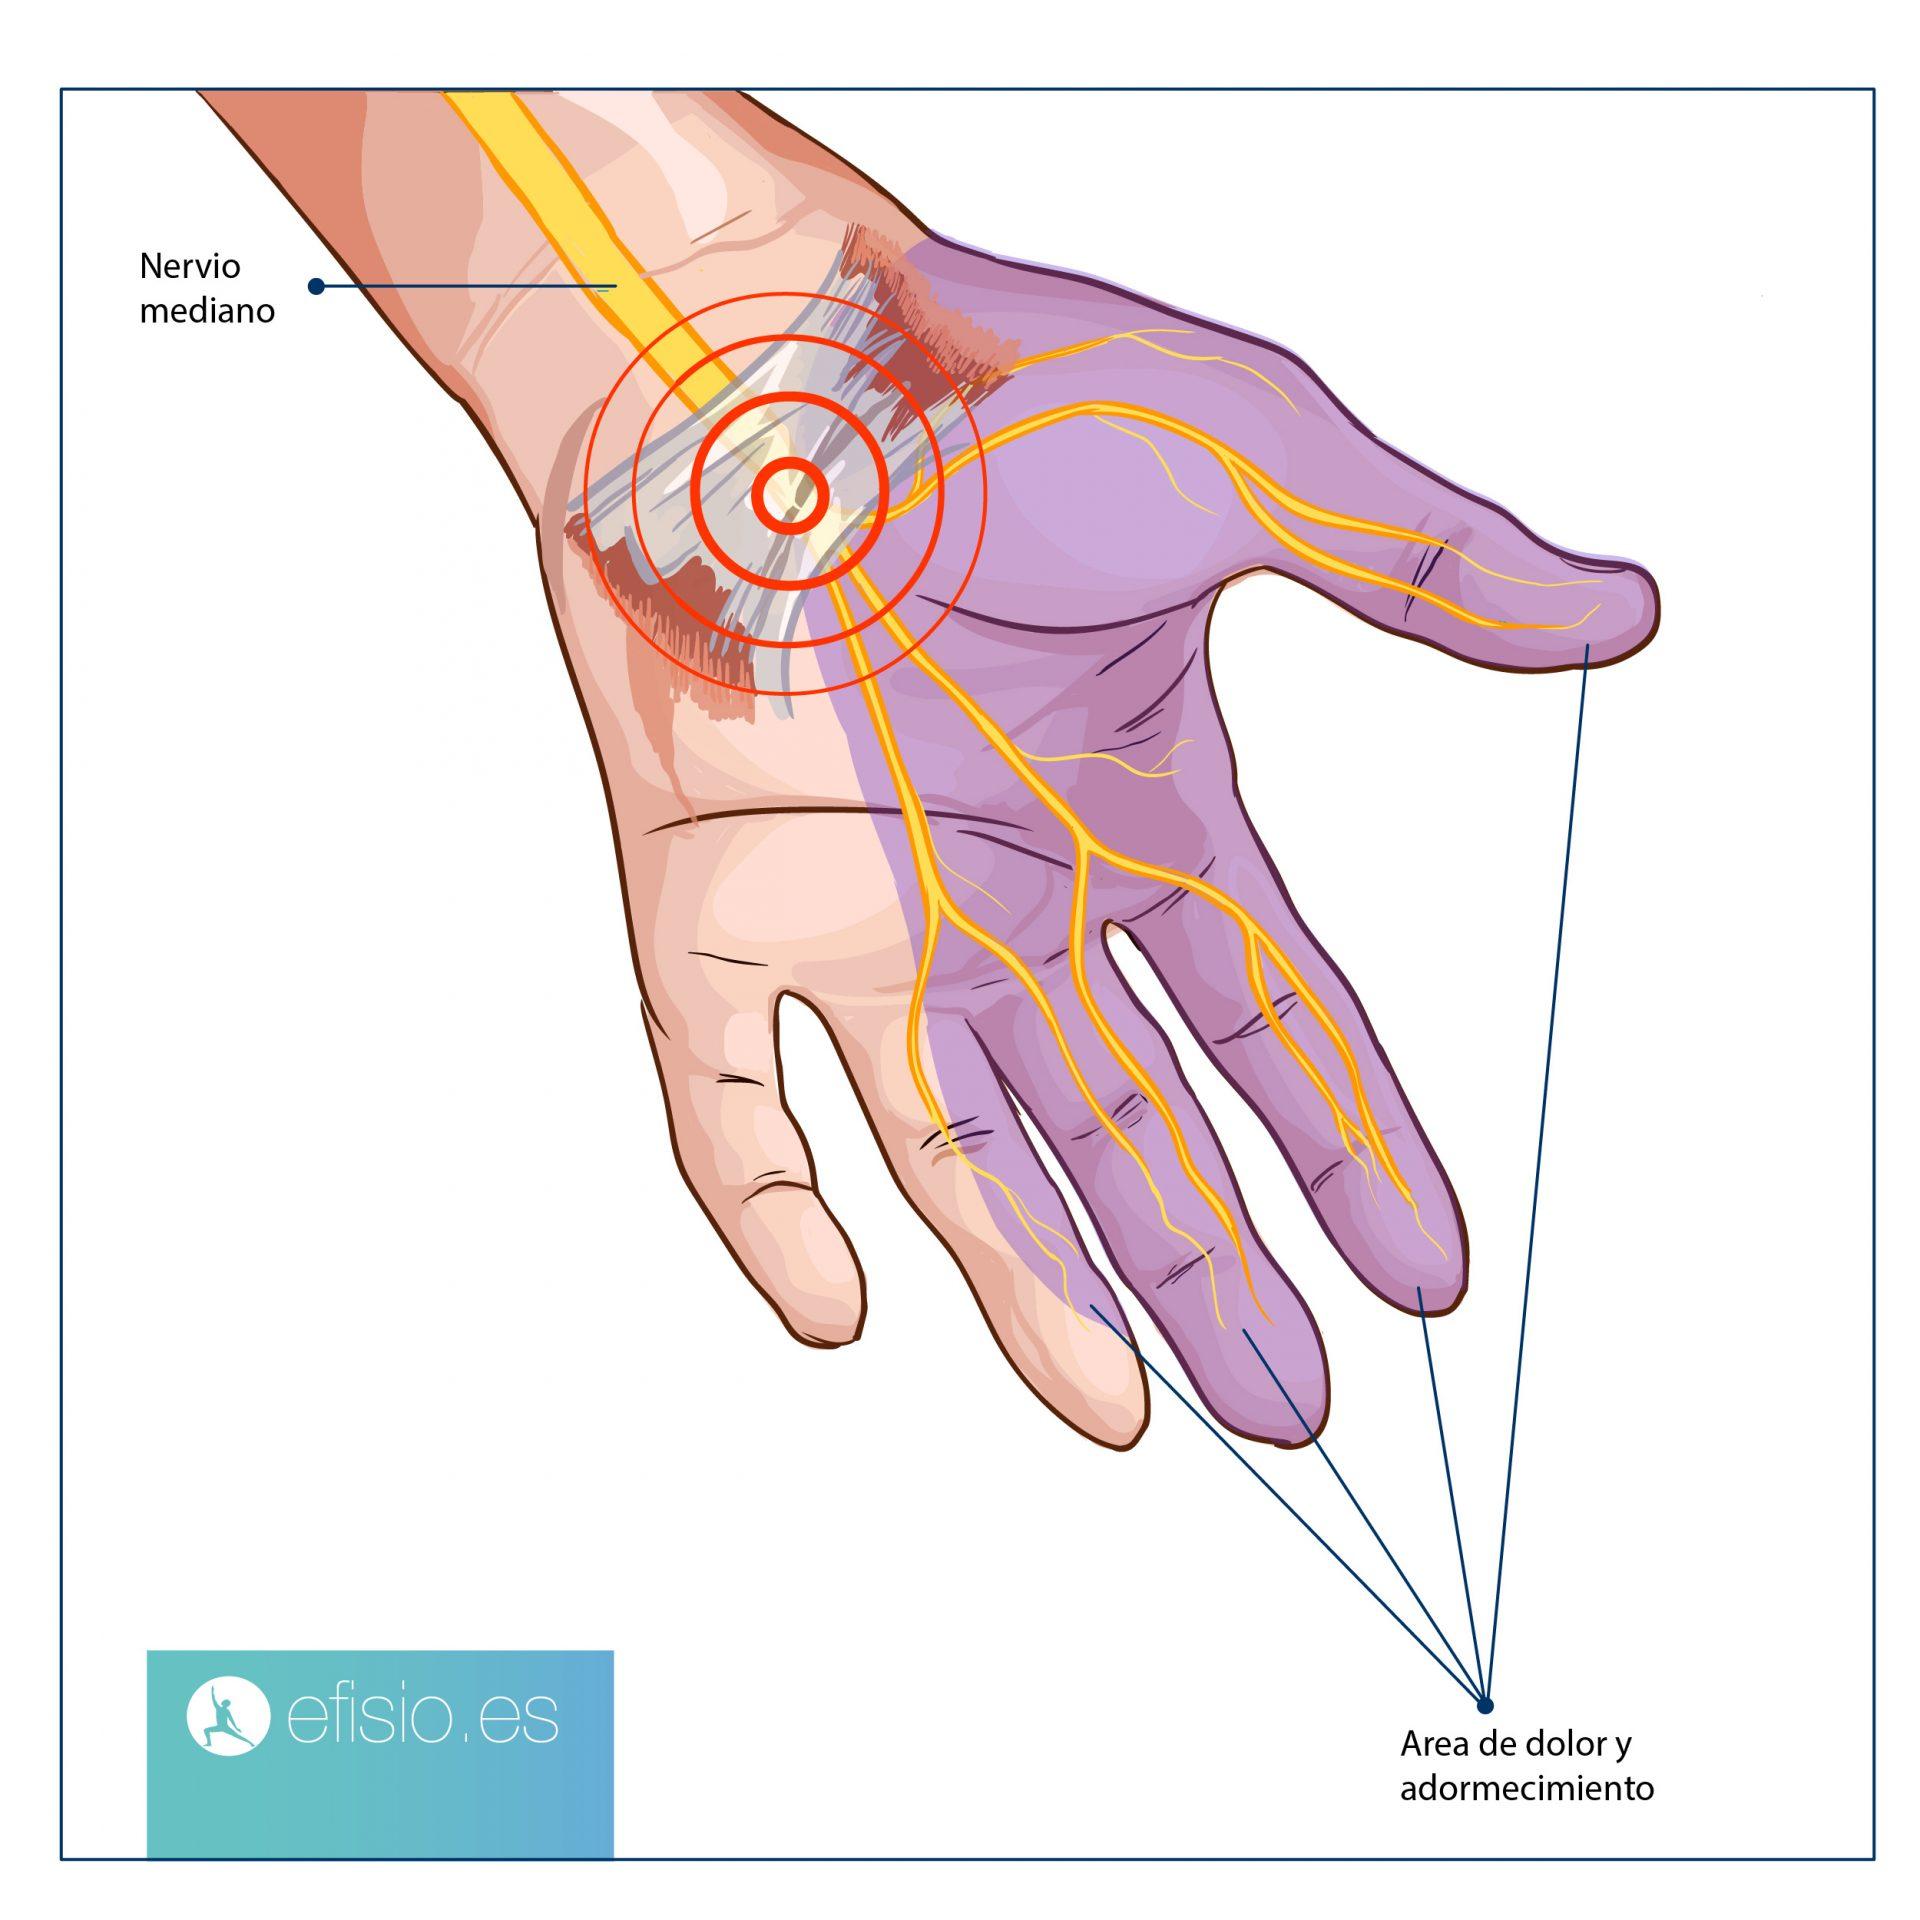 sindrome tunel carpiano nervio mediano